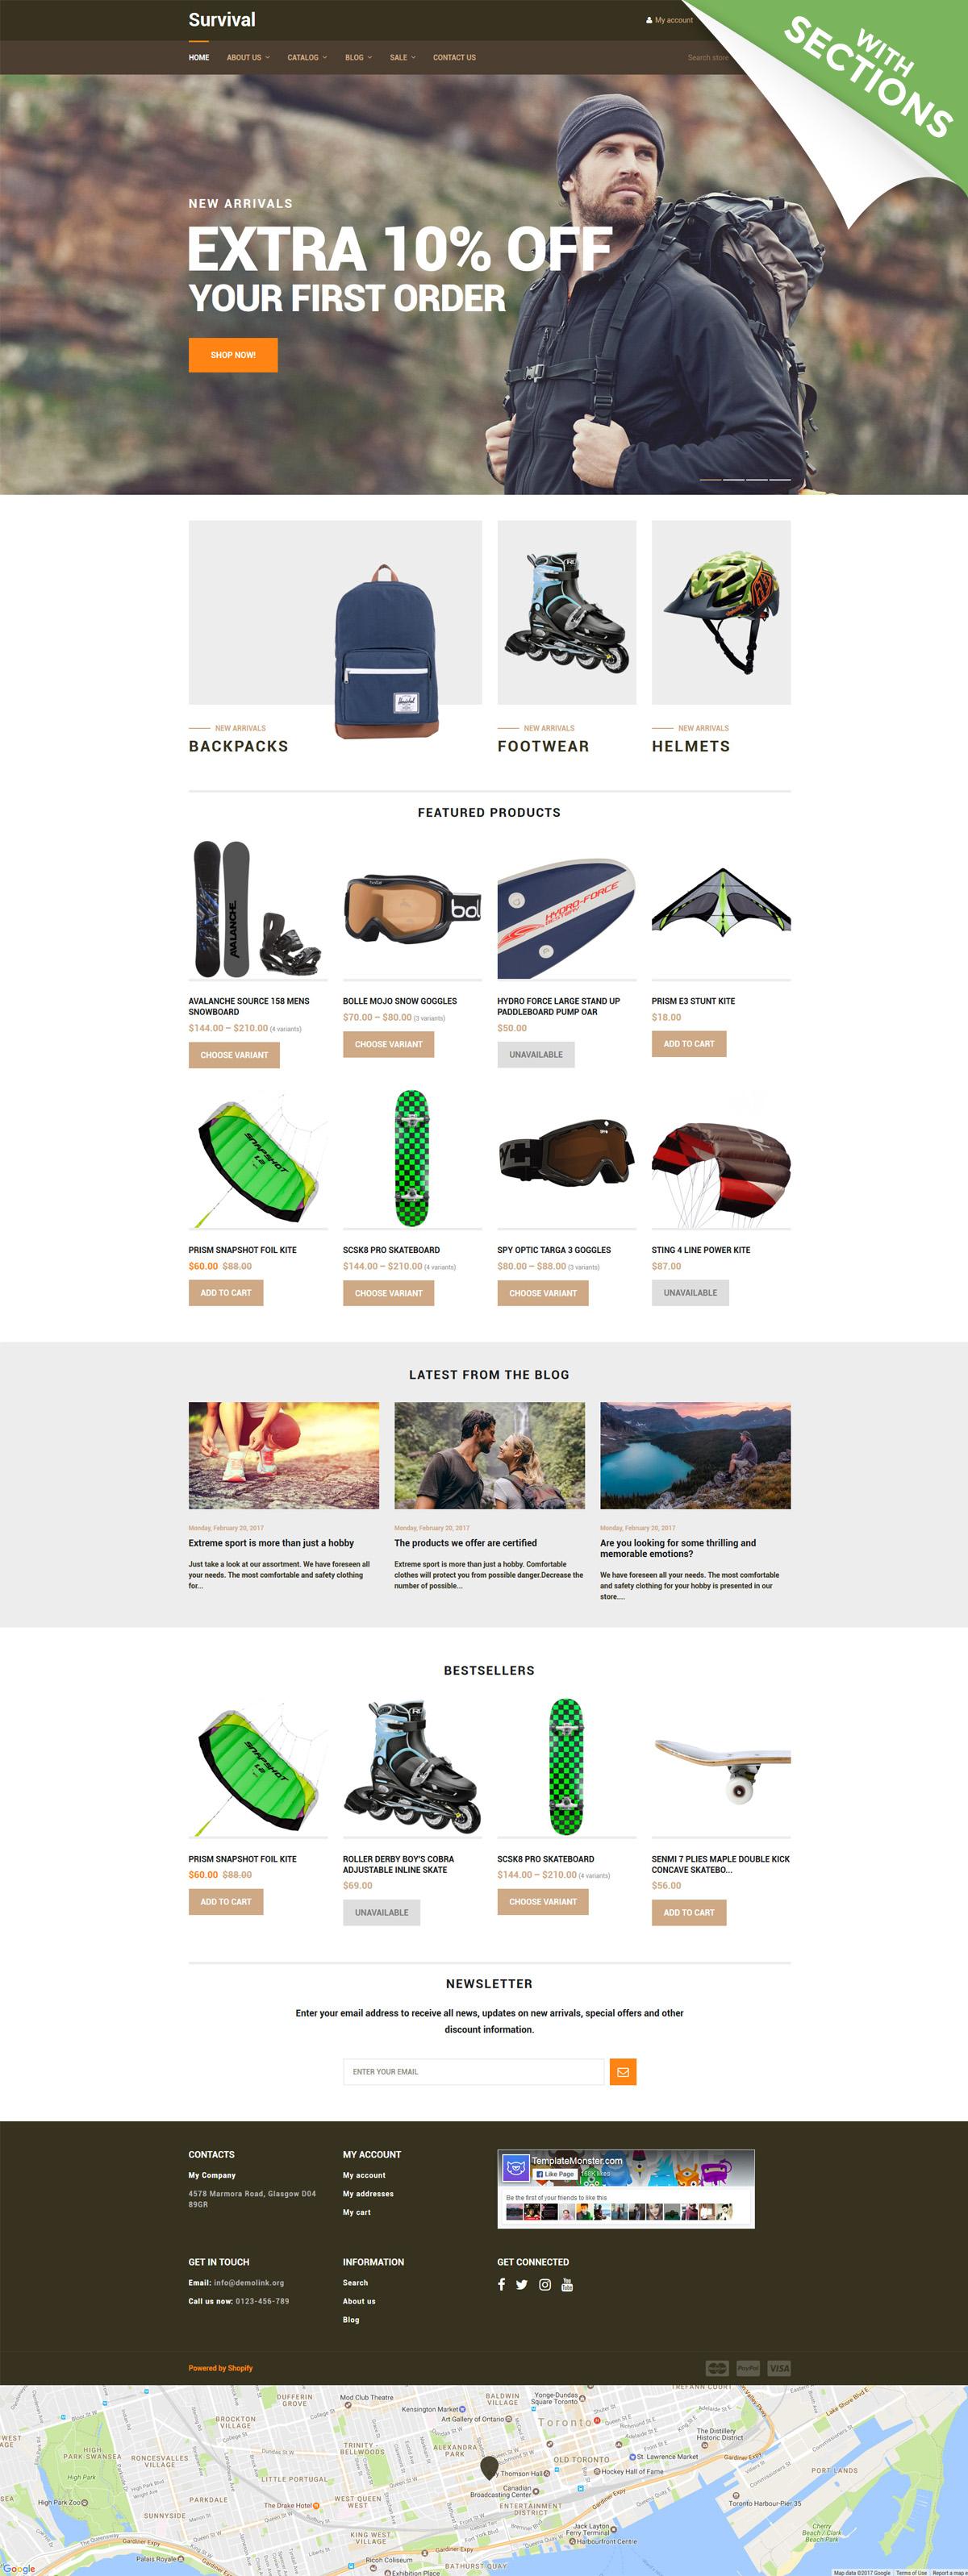 Survival - Travel Equipment №62383